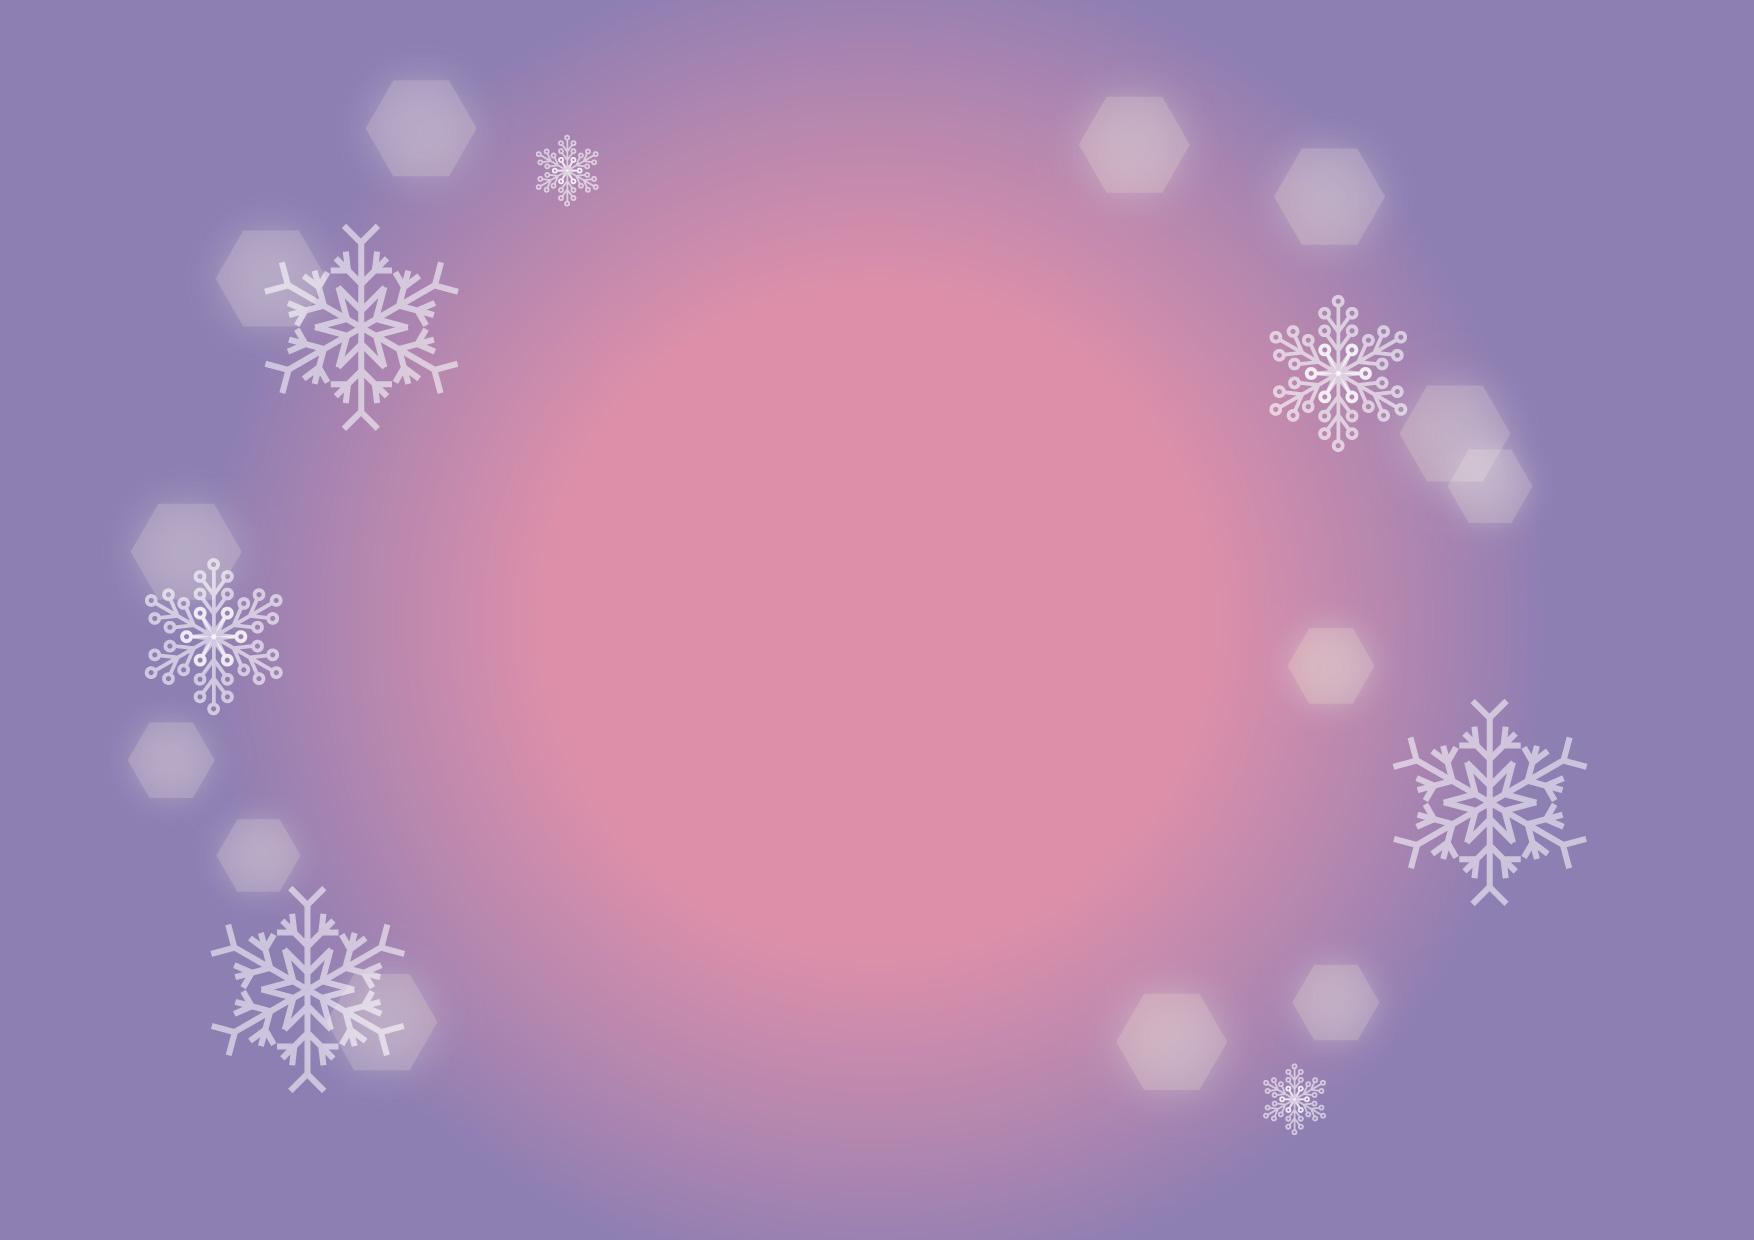 可愛いイラスト無料|雪の結晶 背景 紫色 − free illustration Snowflakes background purple